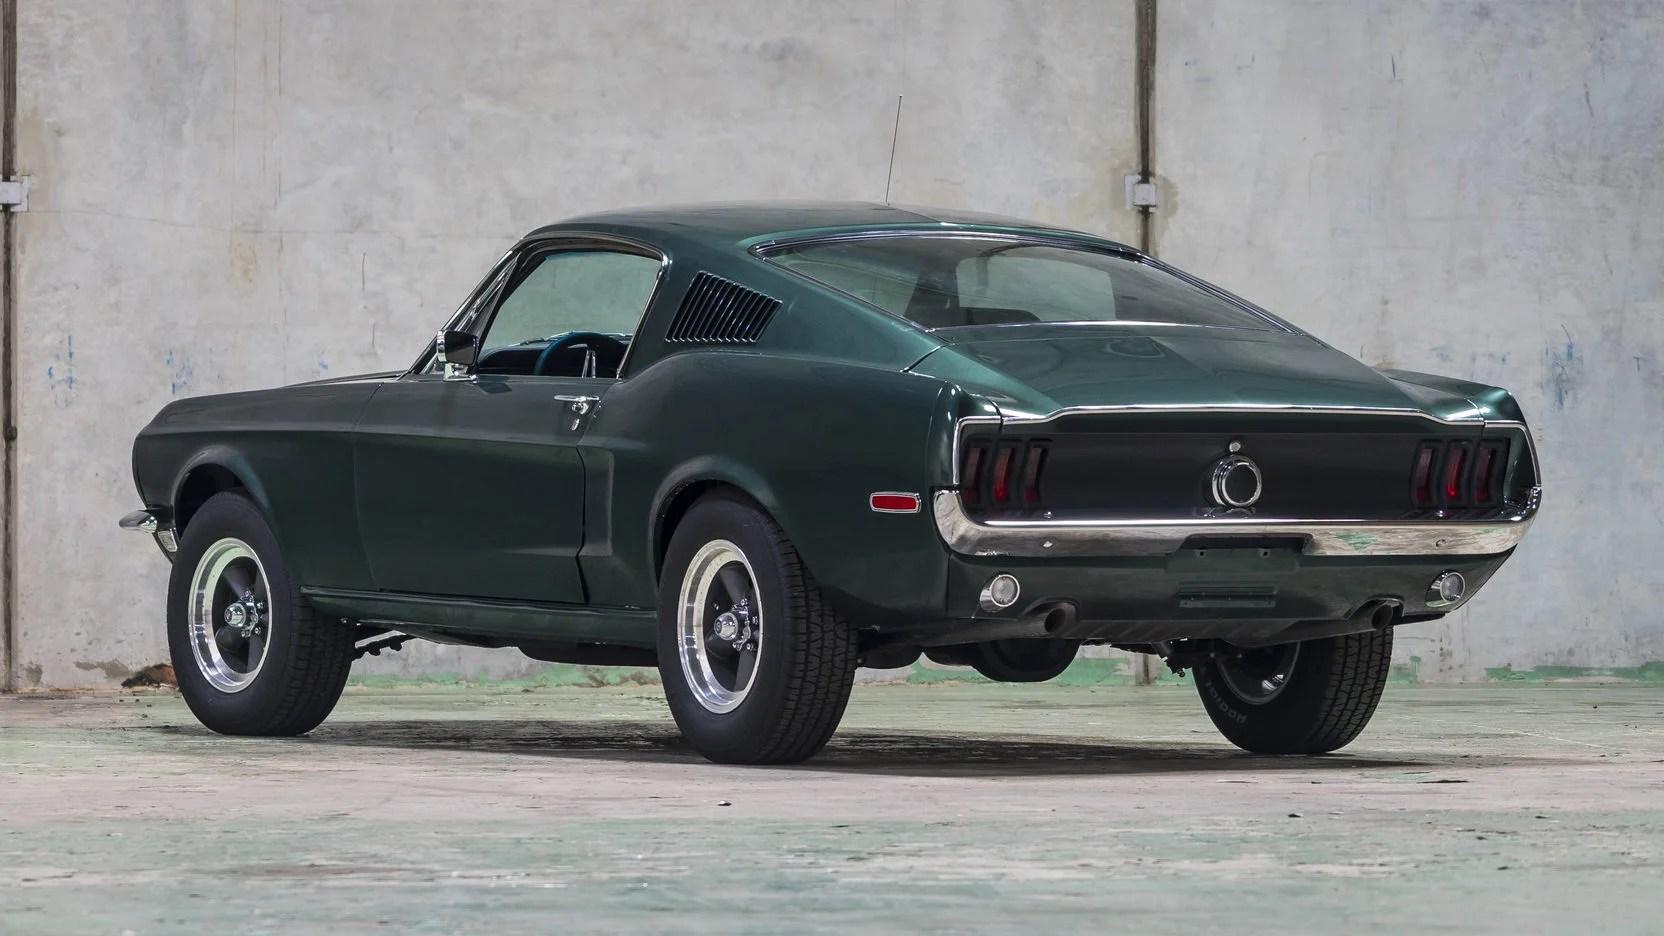 Mustang Gt Car Hd Wallpaper Bullitt Spec 1968 Ford Mustang Fastback